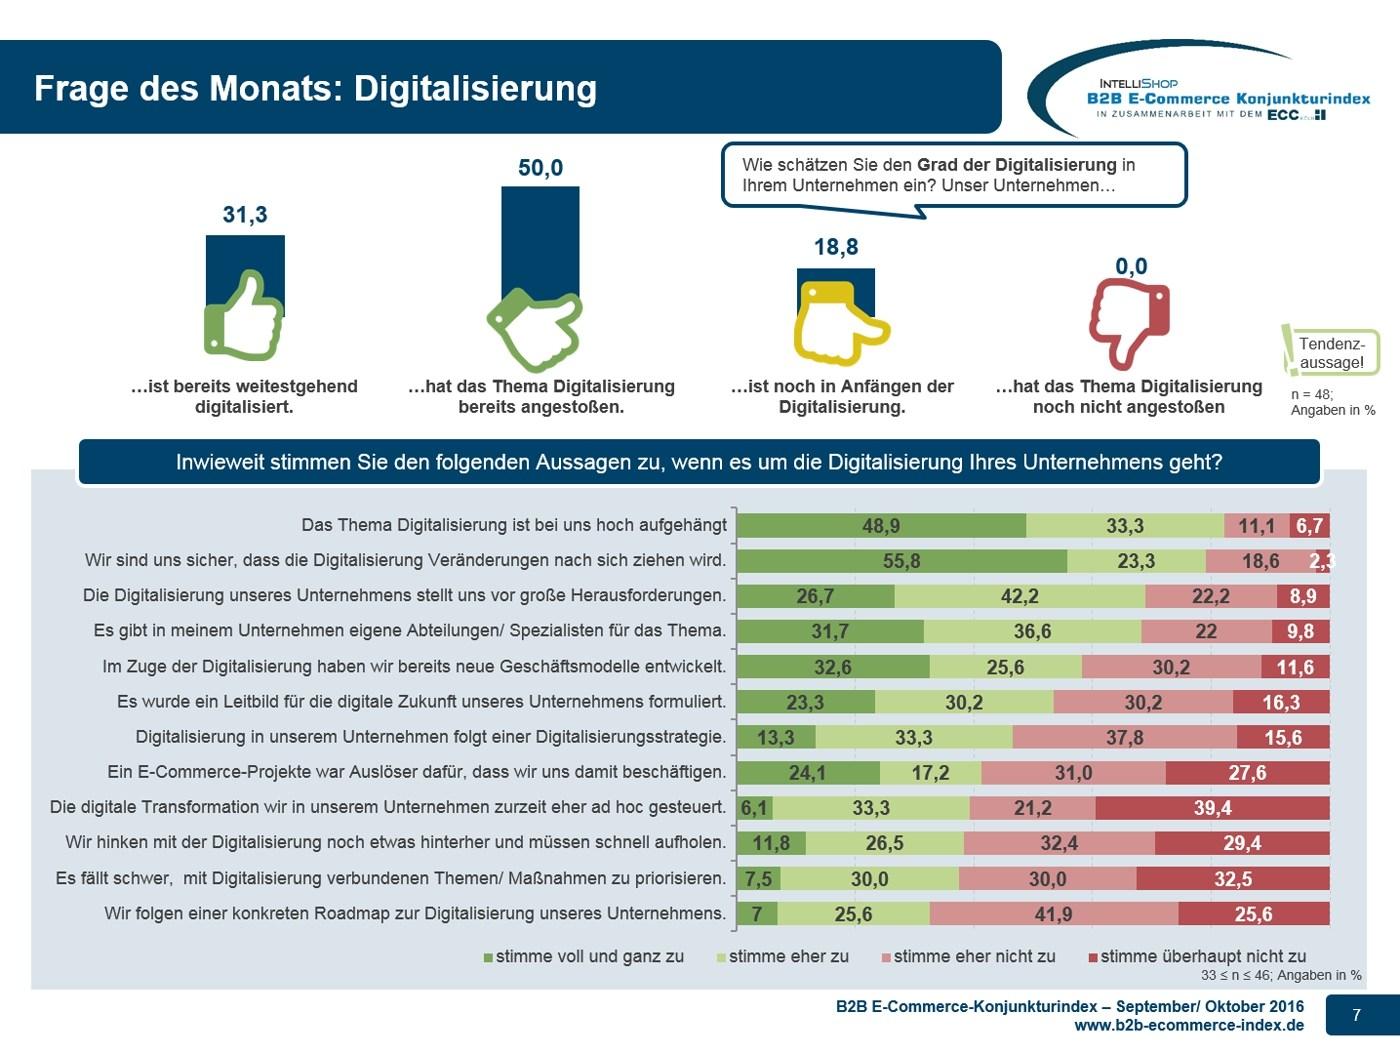 grafik-intellishop-konjunkturindex-09_10-2016-zusatzfrage-digitalisierung